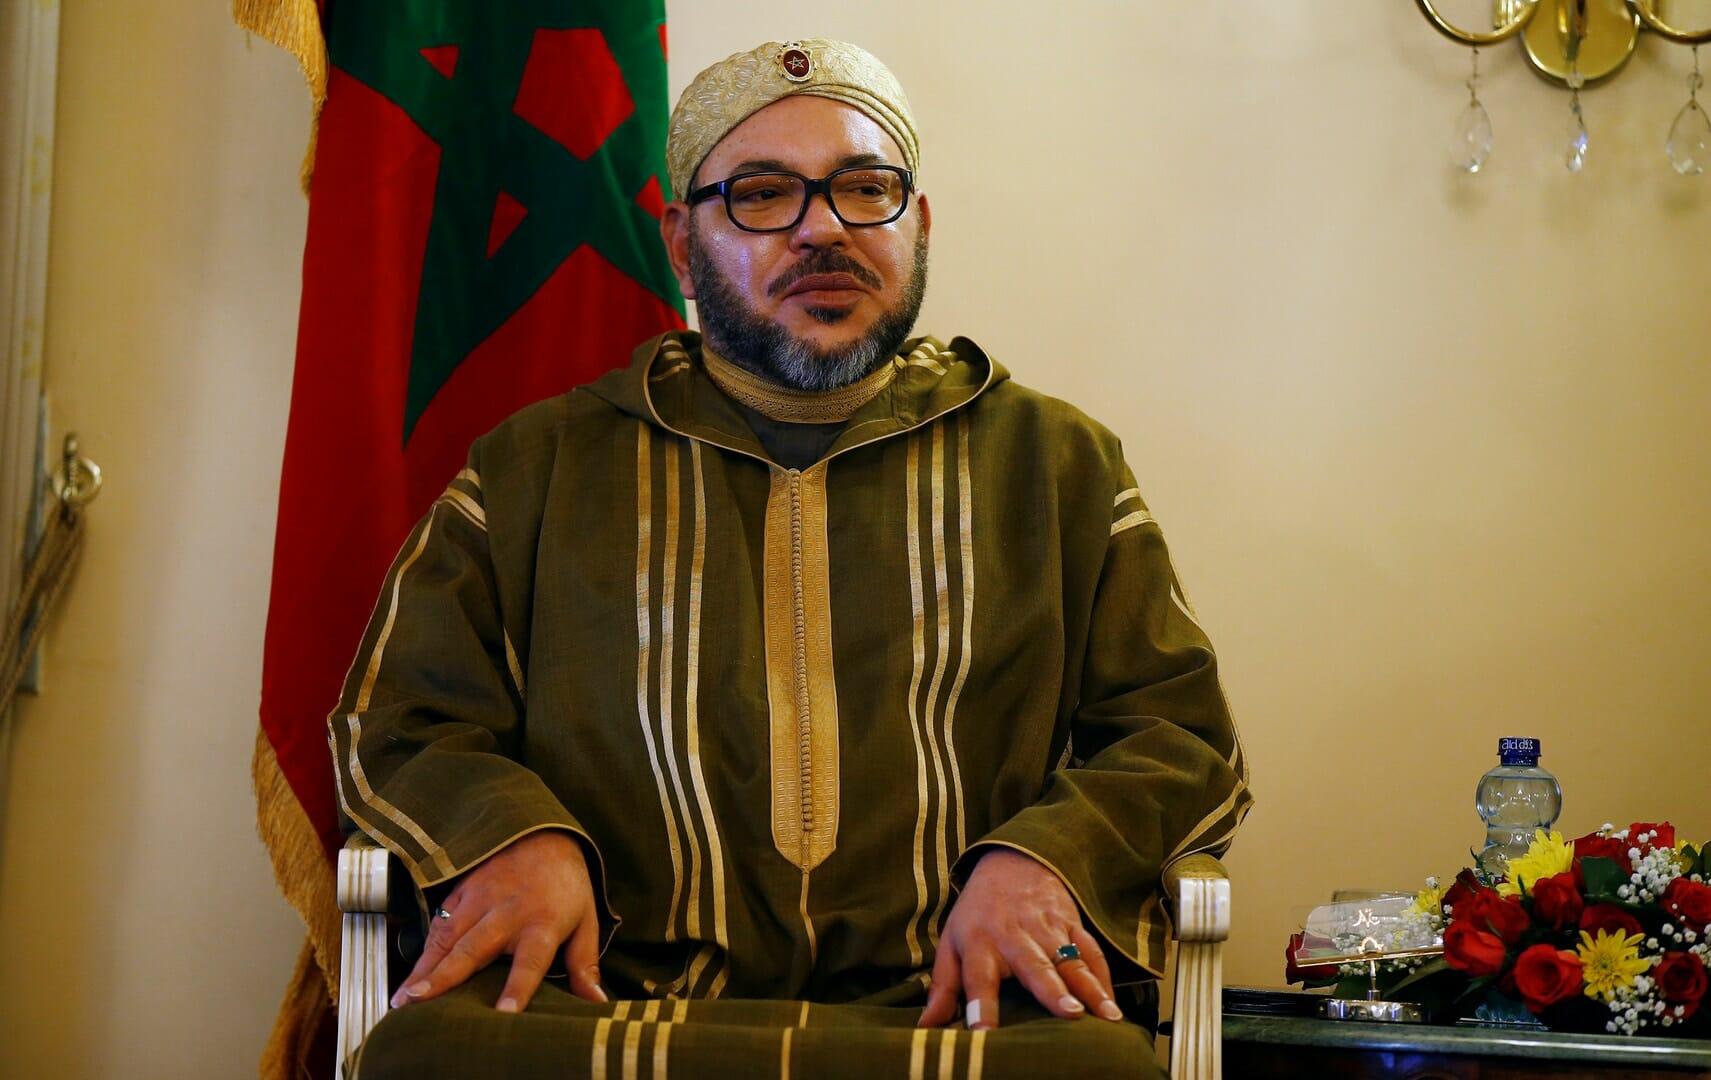 ملك المغرب محمد السادس يعزي في وفاة عبدالخالق اللوزاني